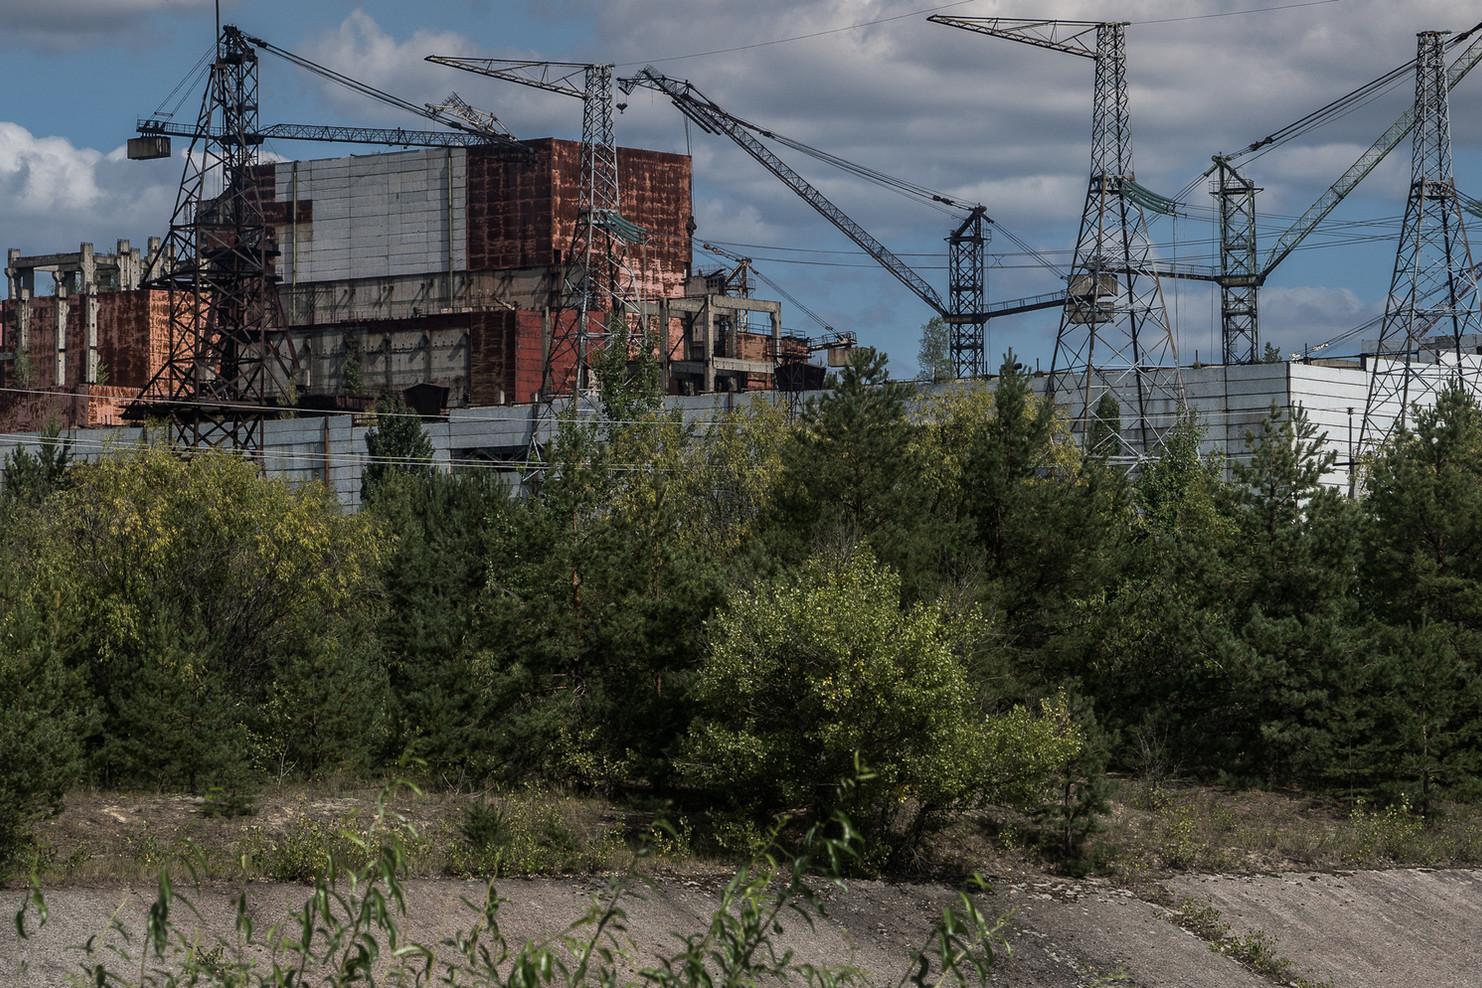 Réacteur numéro 5, inachevé